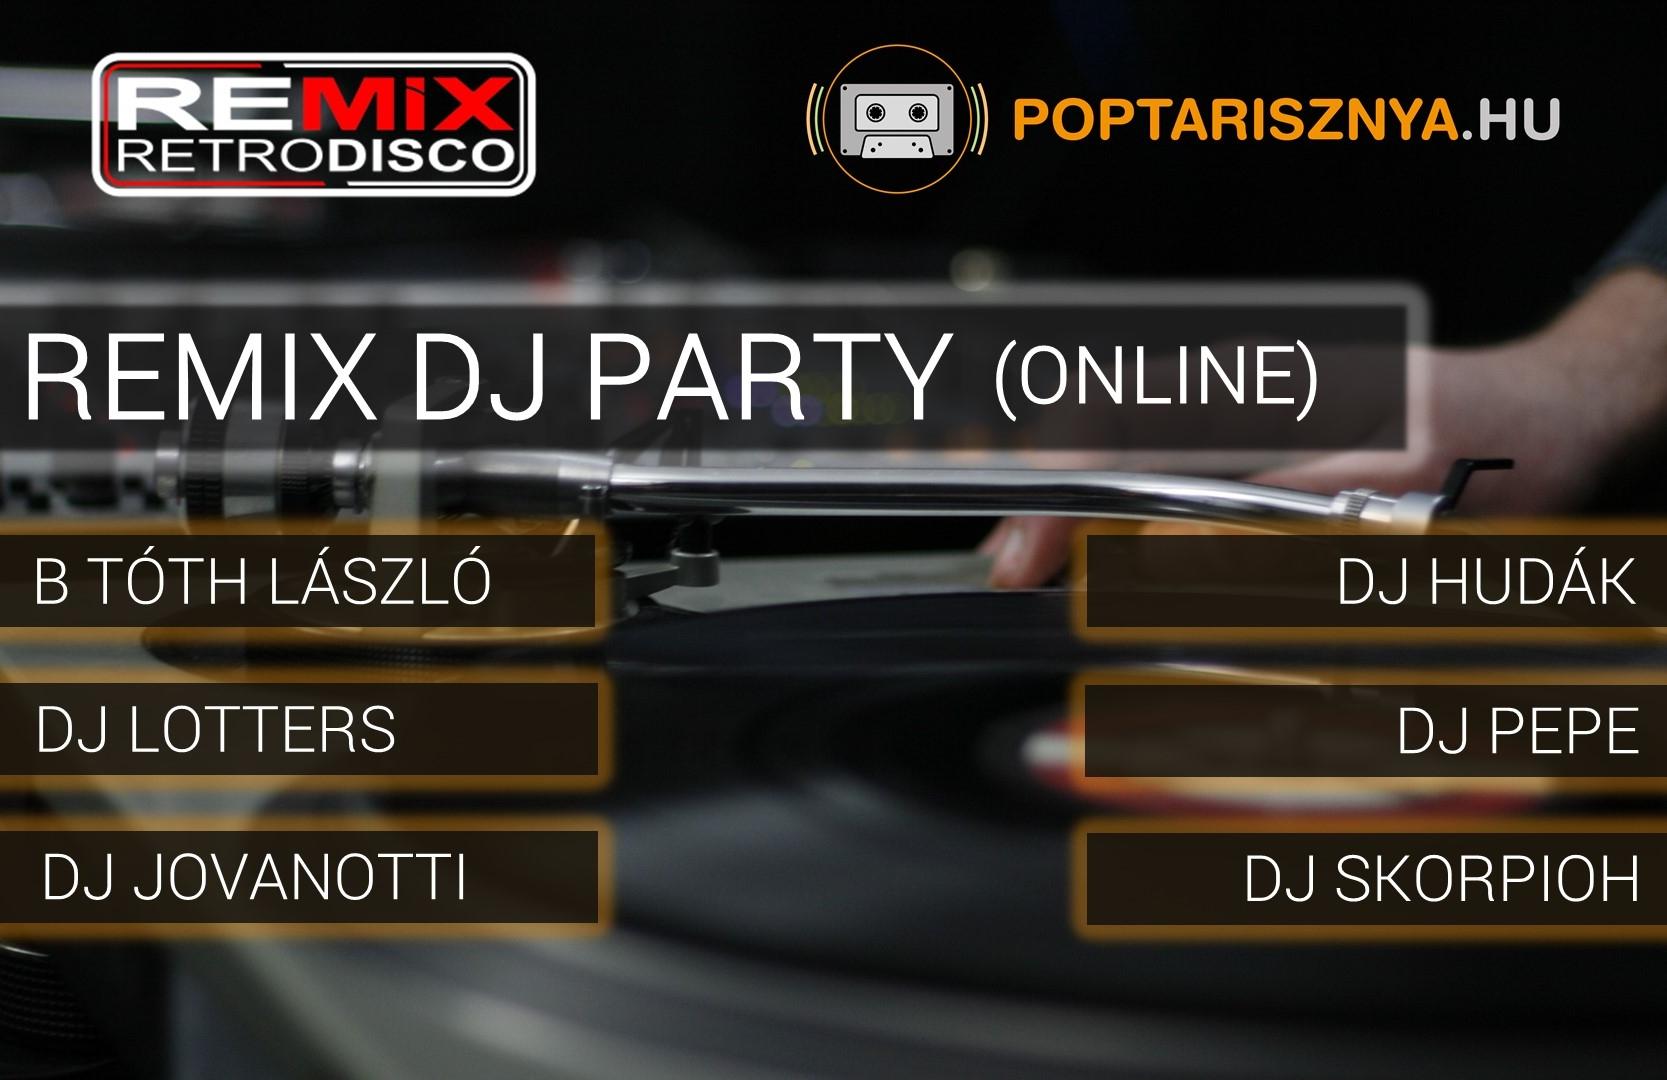 Új műsor indul Remix Dj Party címmel!